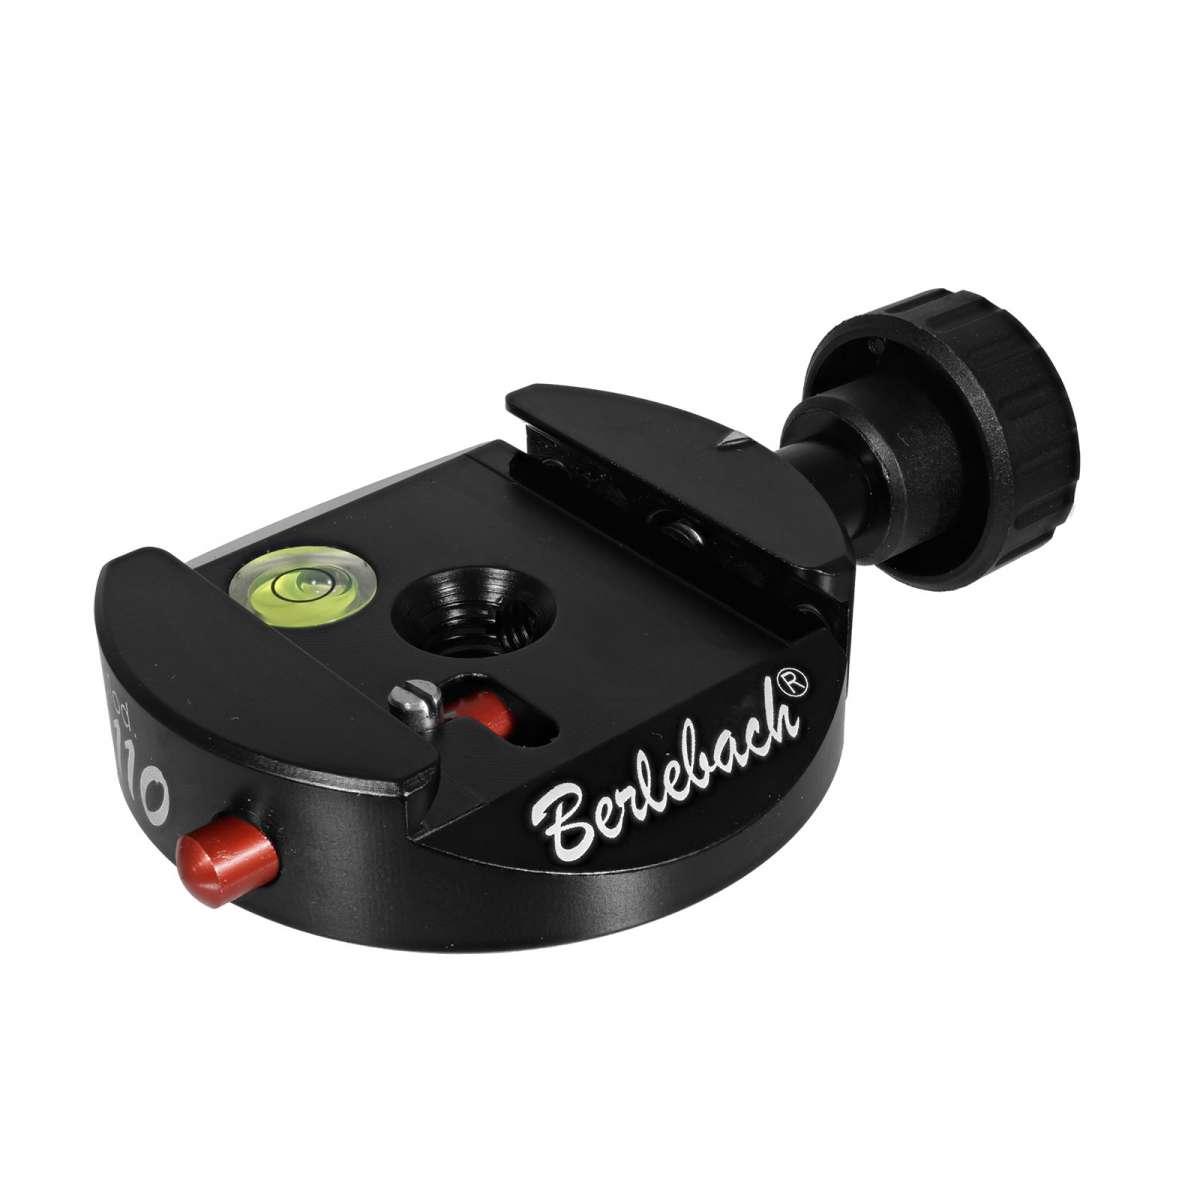 berlebach_320262_schnellkupplung_110_AE12867_augenblicke_eingefangen-1_600x600-2x